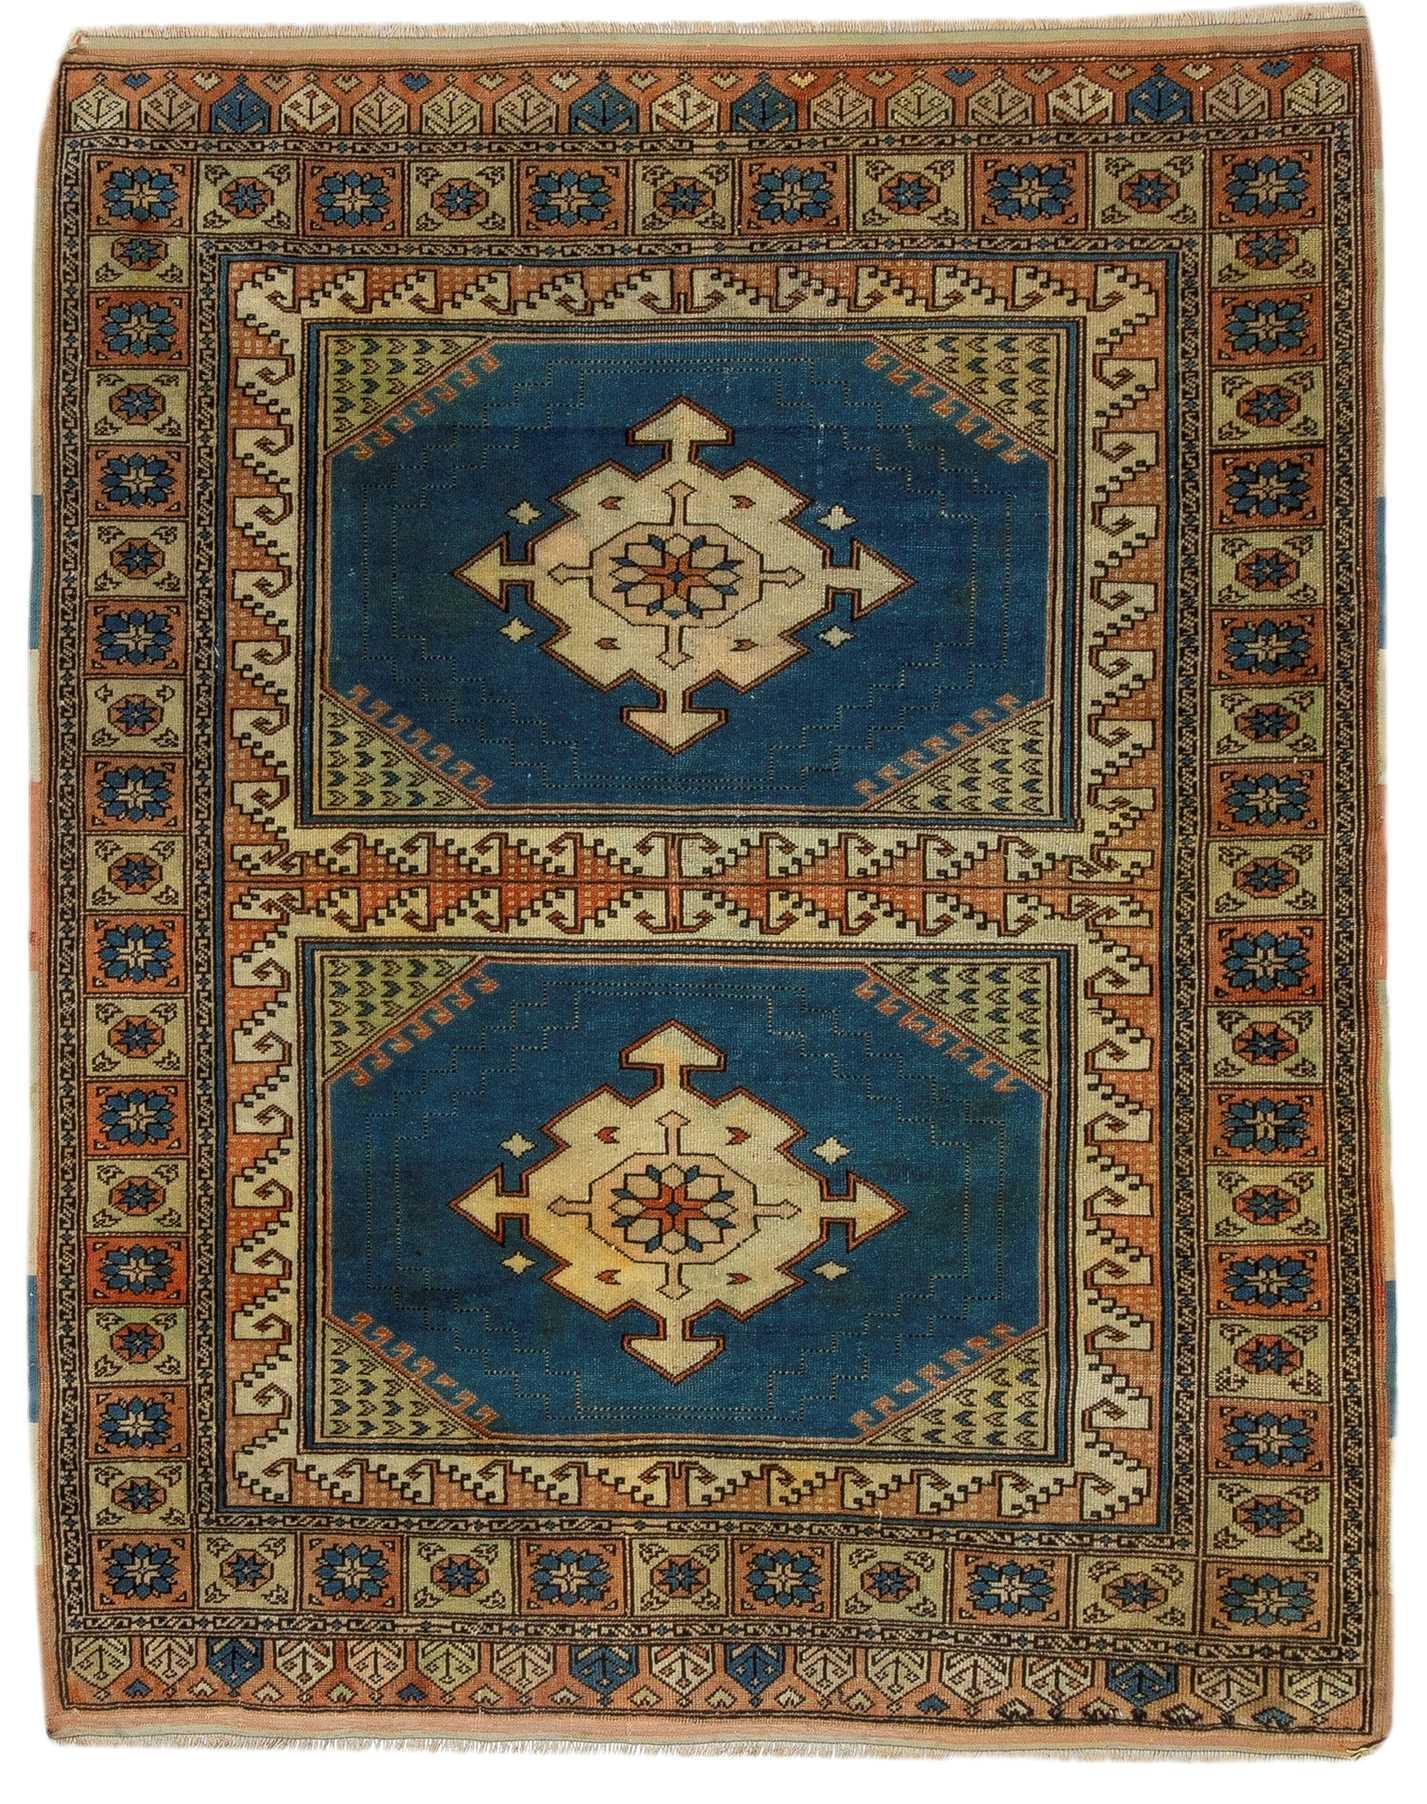 Vintage Decorative Turkish Tribal Rug 5884